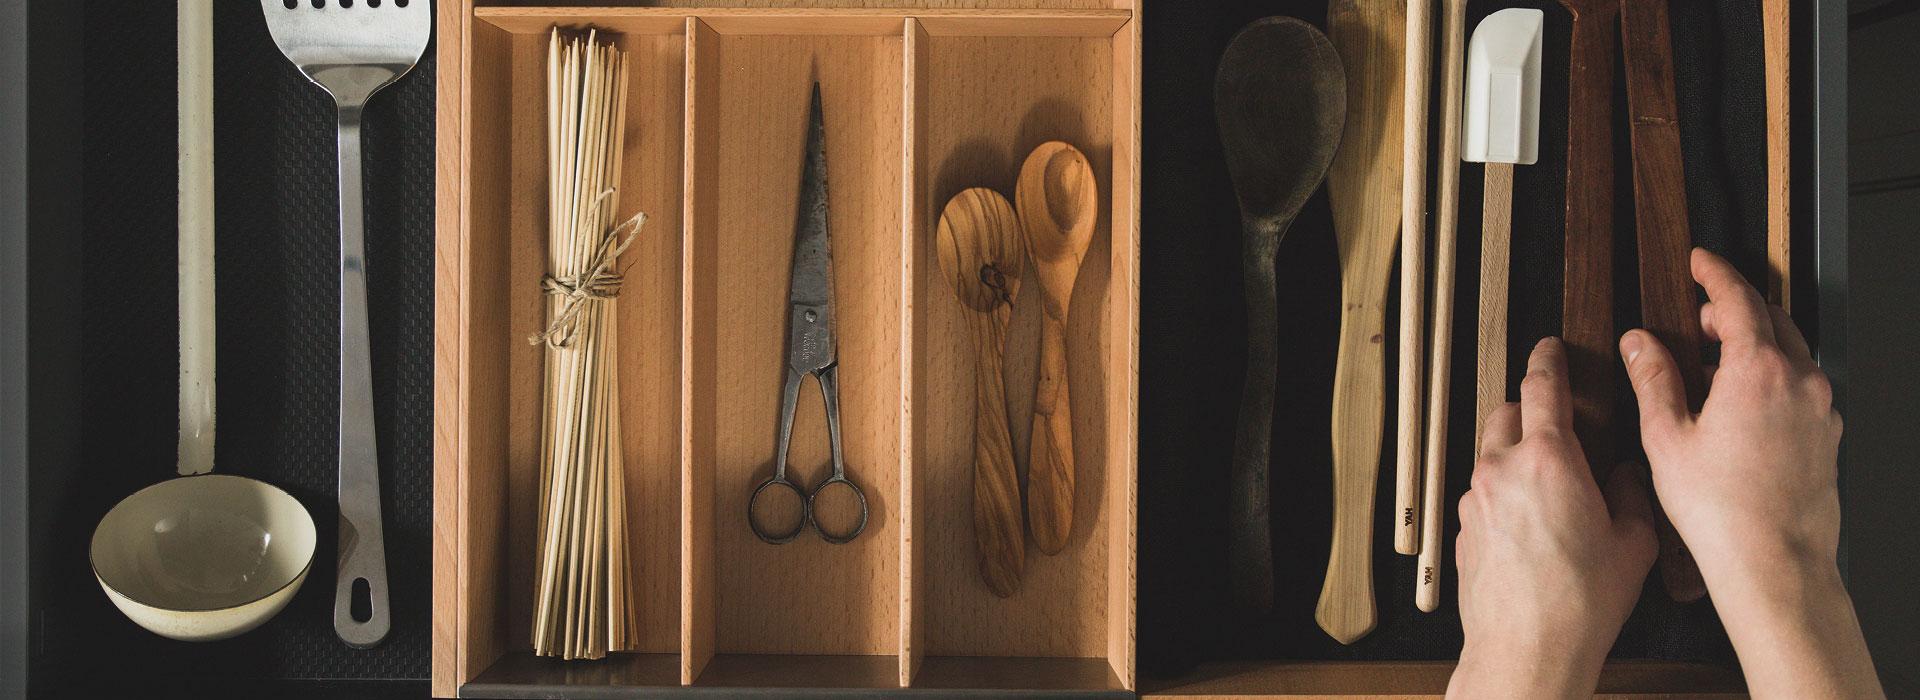 Puustelli keittiön varusteet ja lisätarvikkeet laatikoihin ja kaappeihin